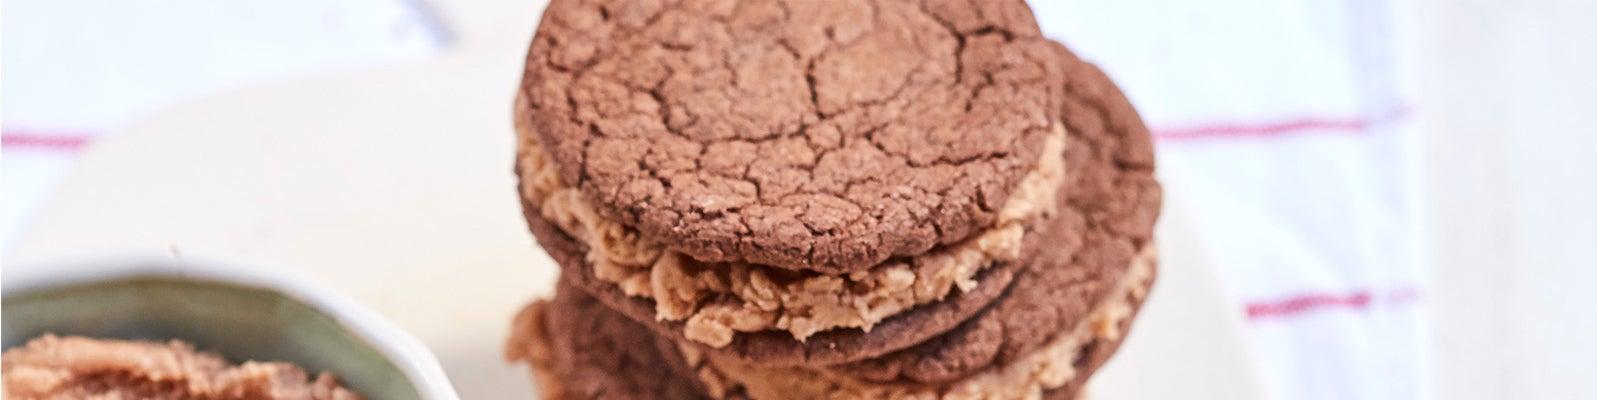 Cookies rellenas de chocolate